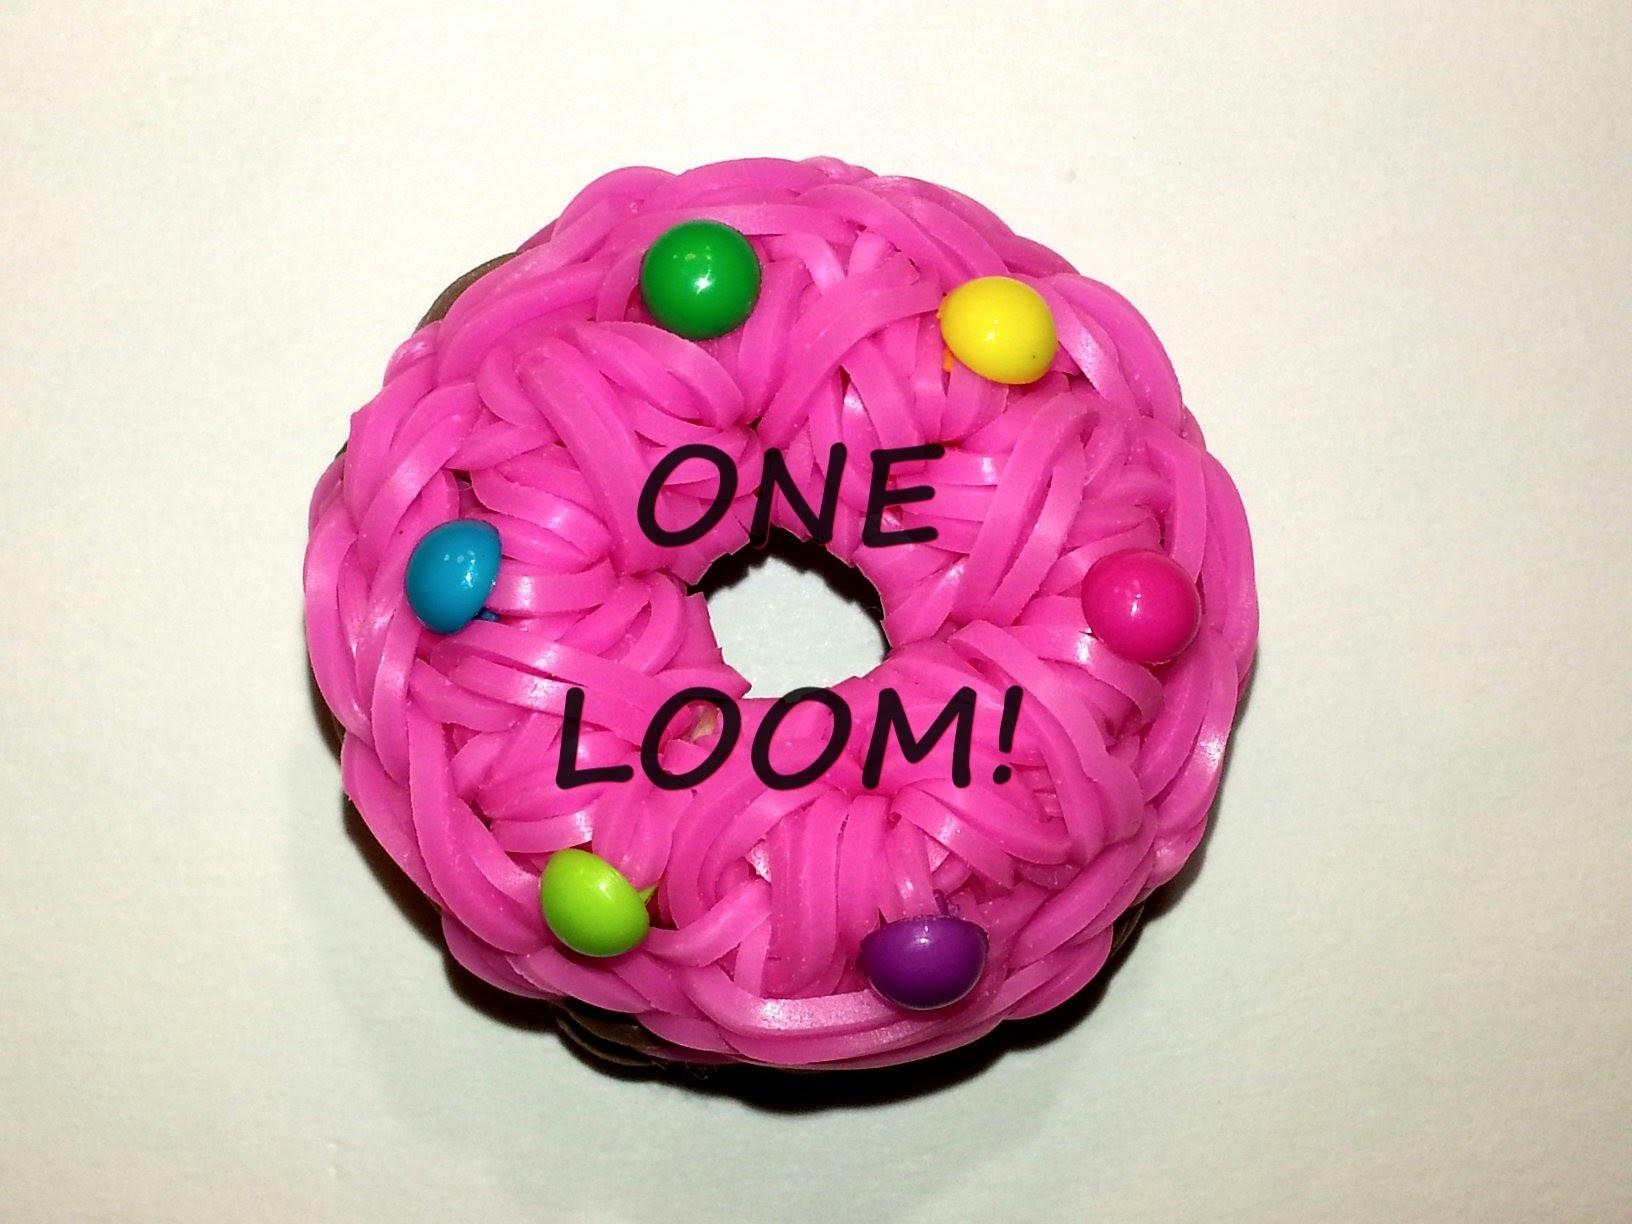 ONE LOOM 3-D Doughnut (Cookie) Charm Tutorial by feelinspiffy (Rainbow Loom)